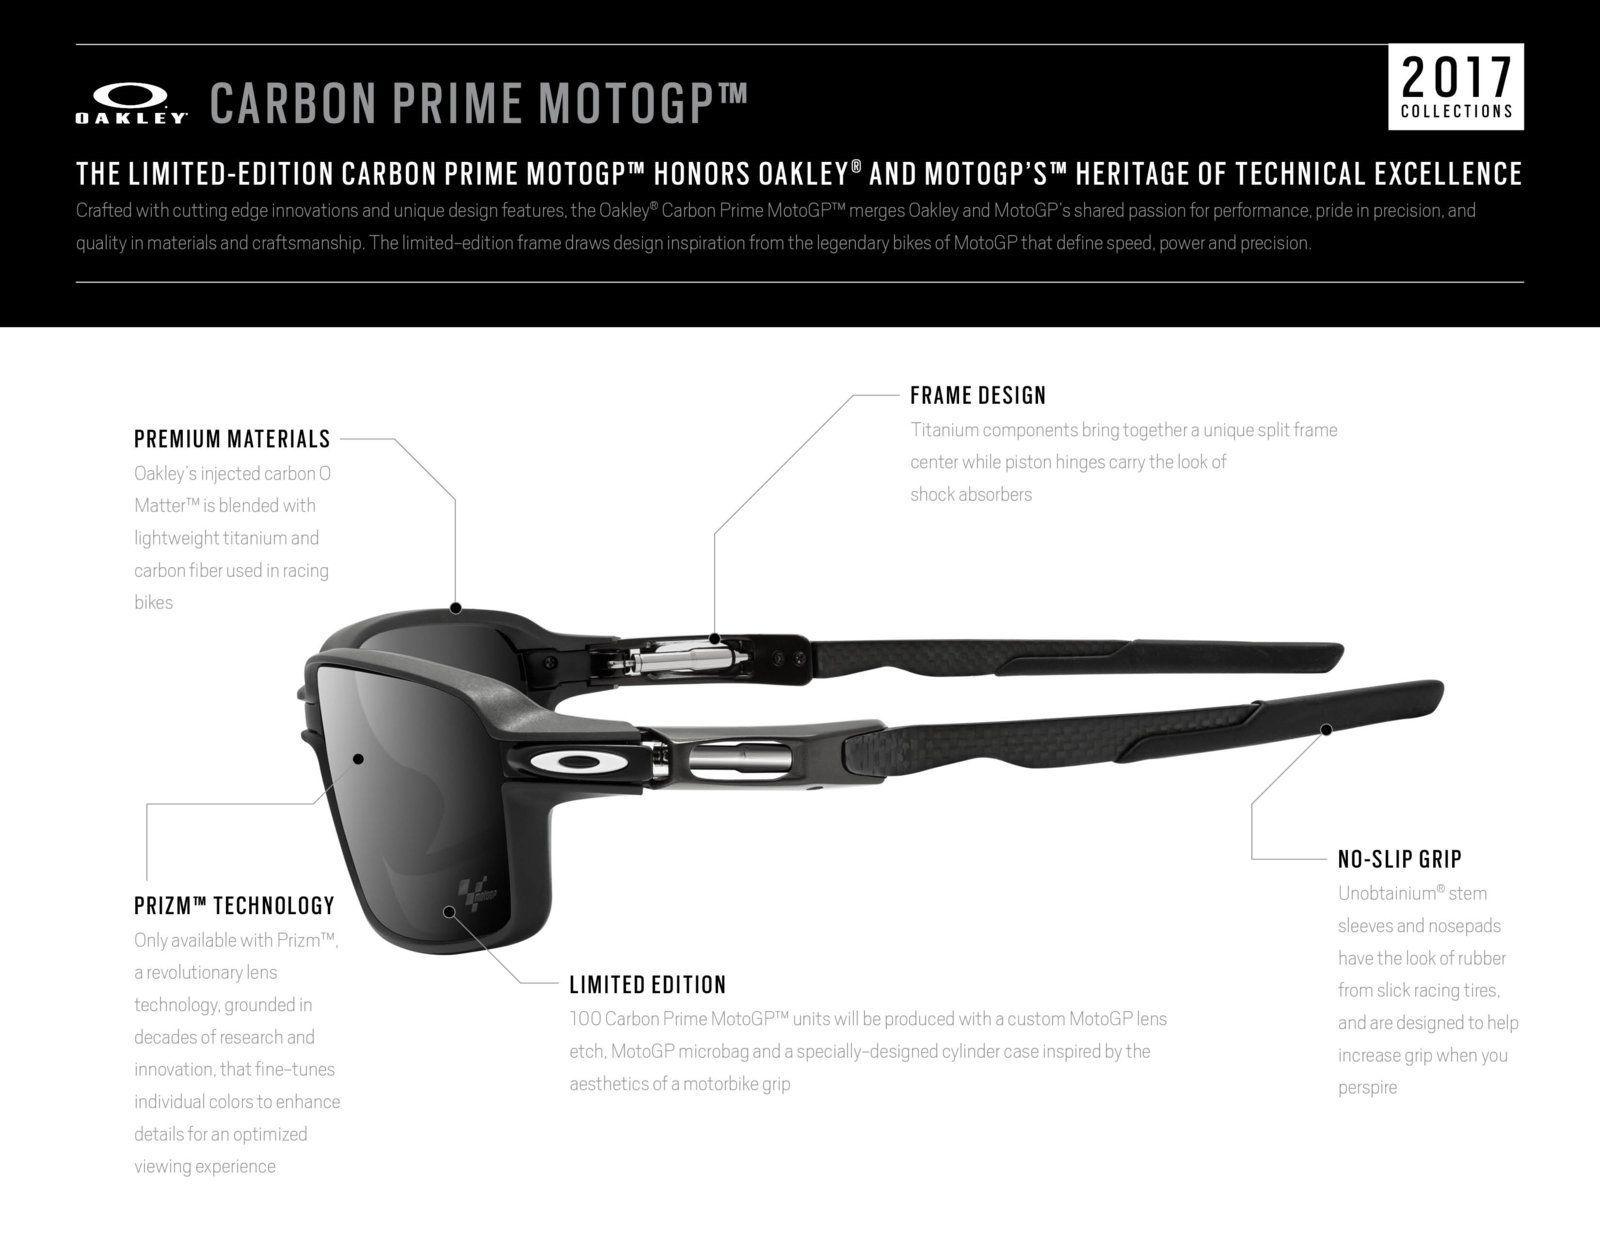 oakley carbon prime